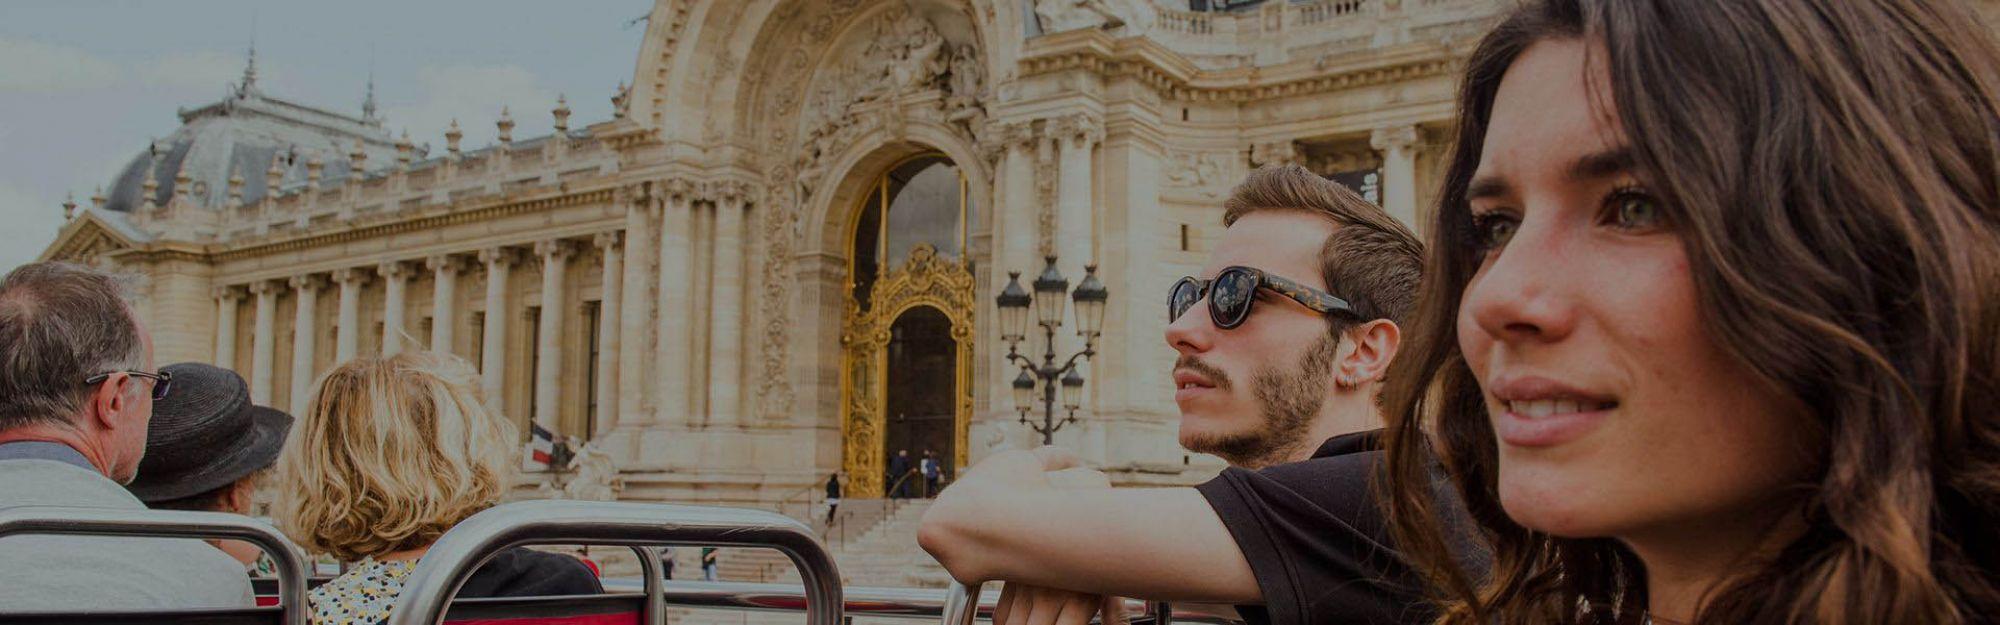 Paris Billet Premium